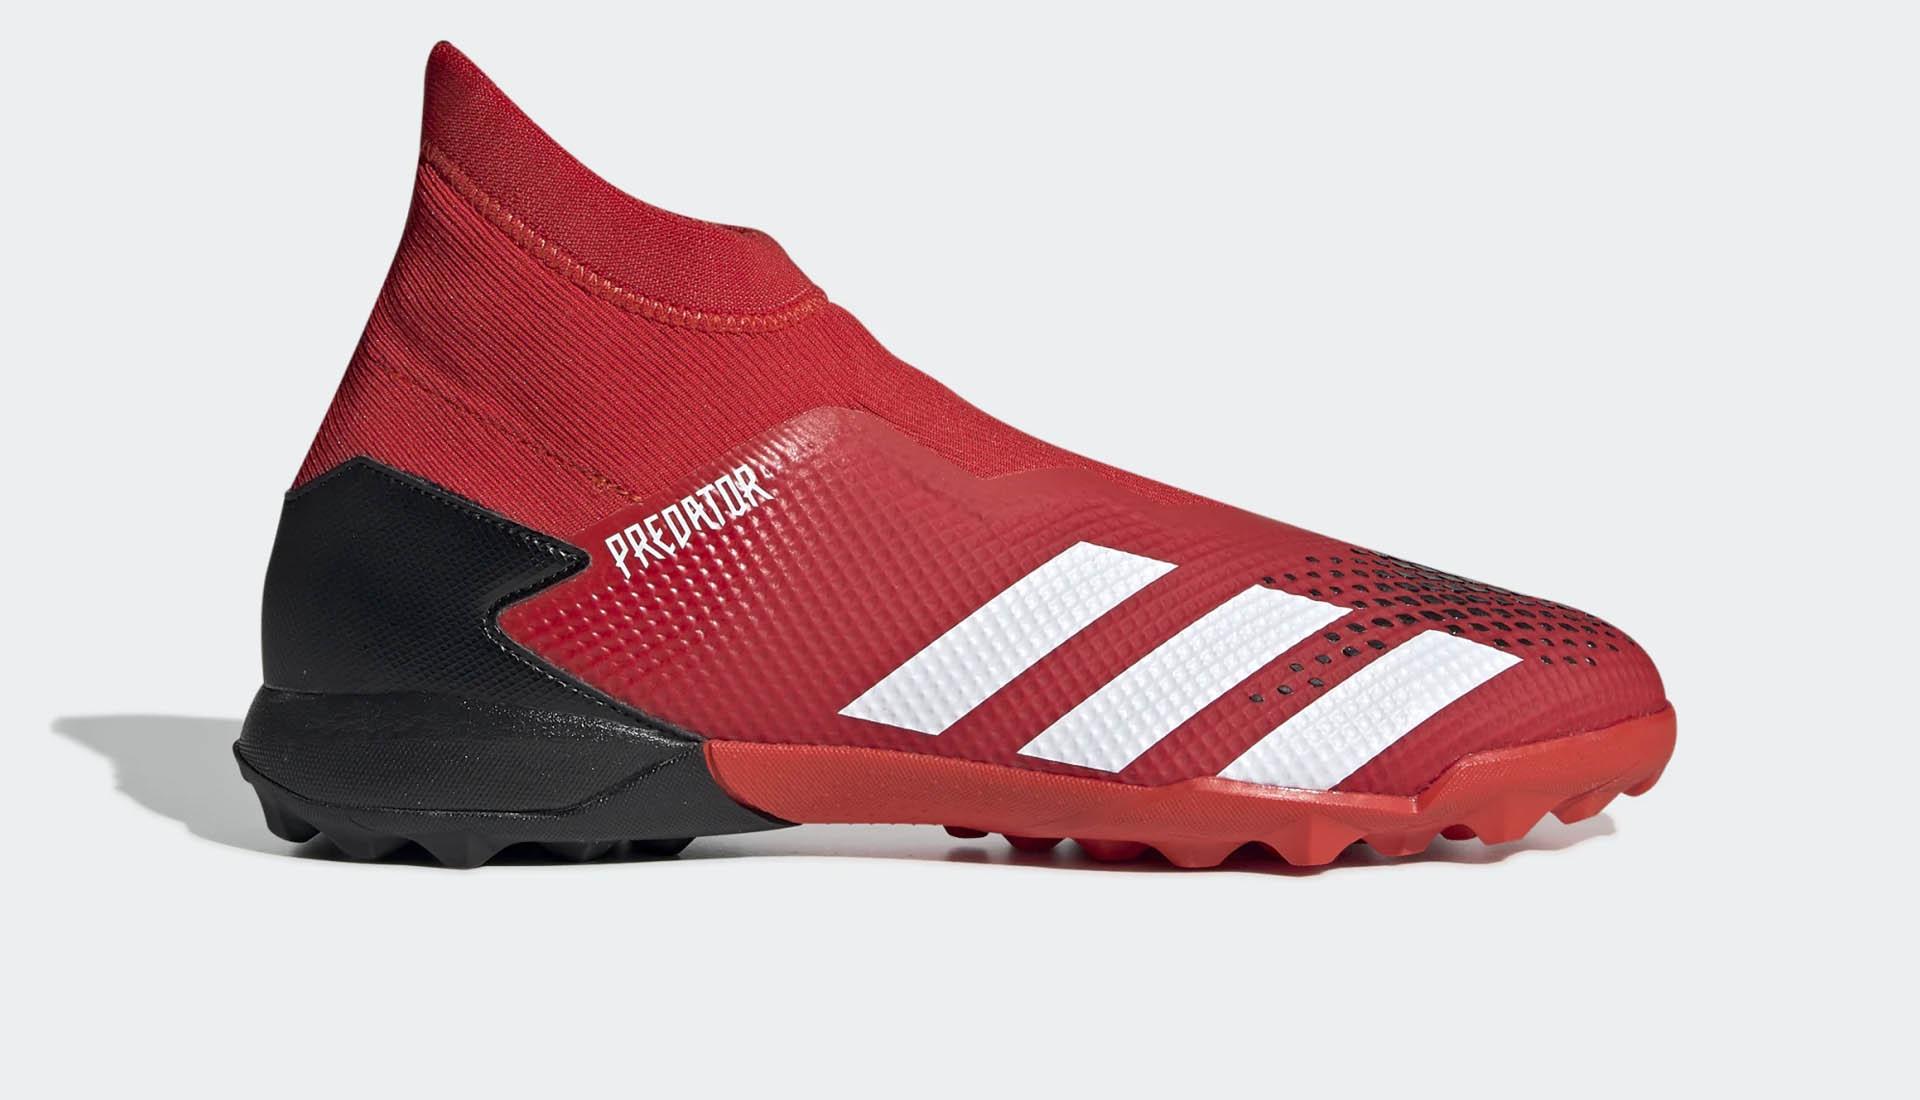 Phiên bản Adidas Predator 20.3 TF Laceless không dây màu đỏ